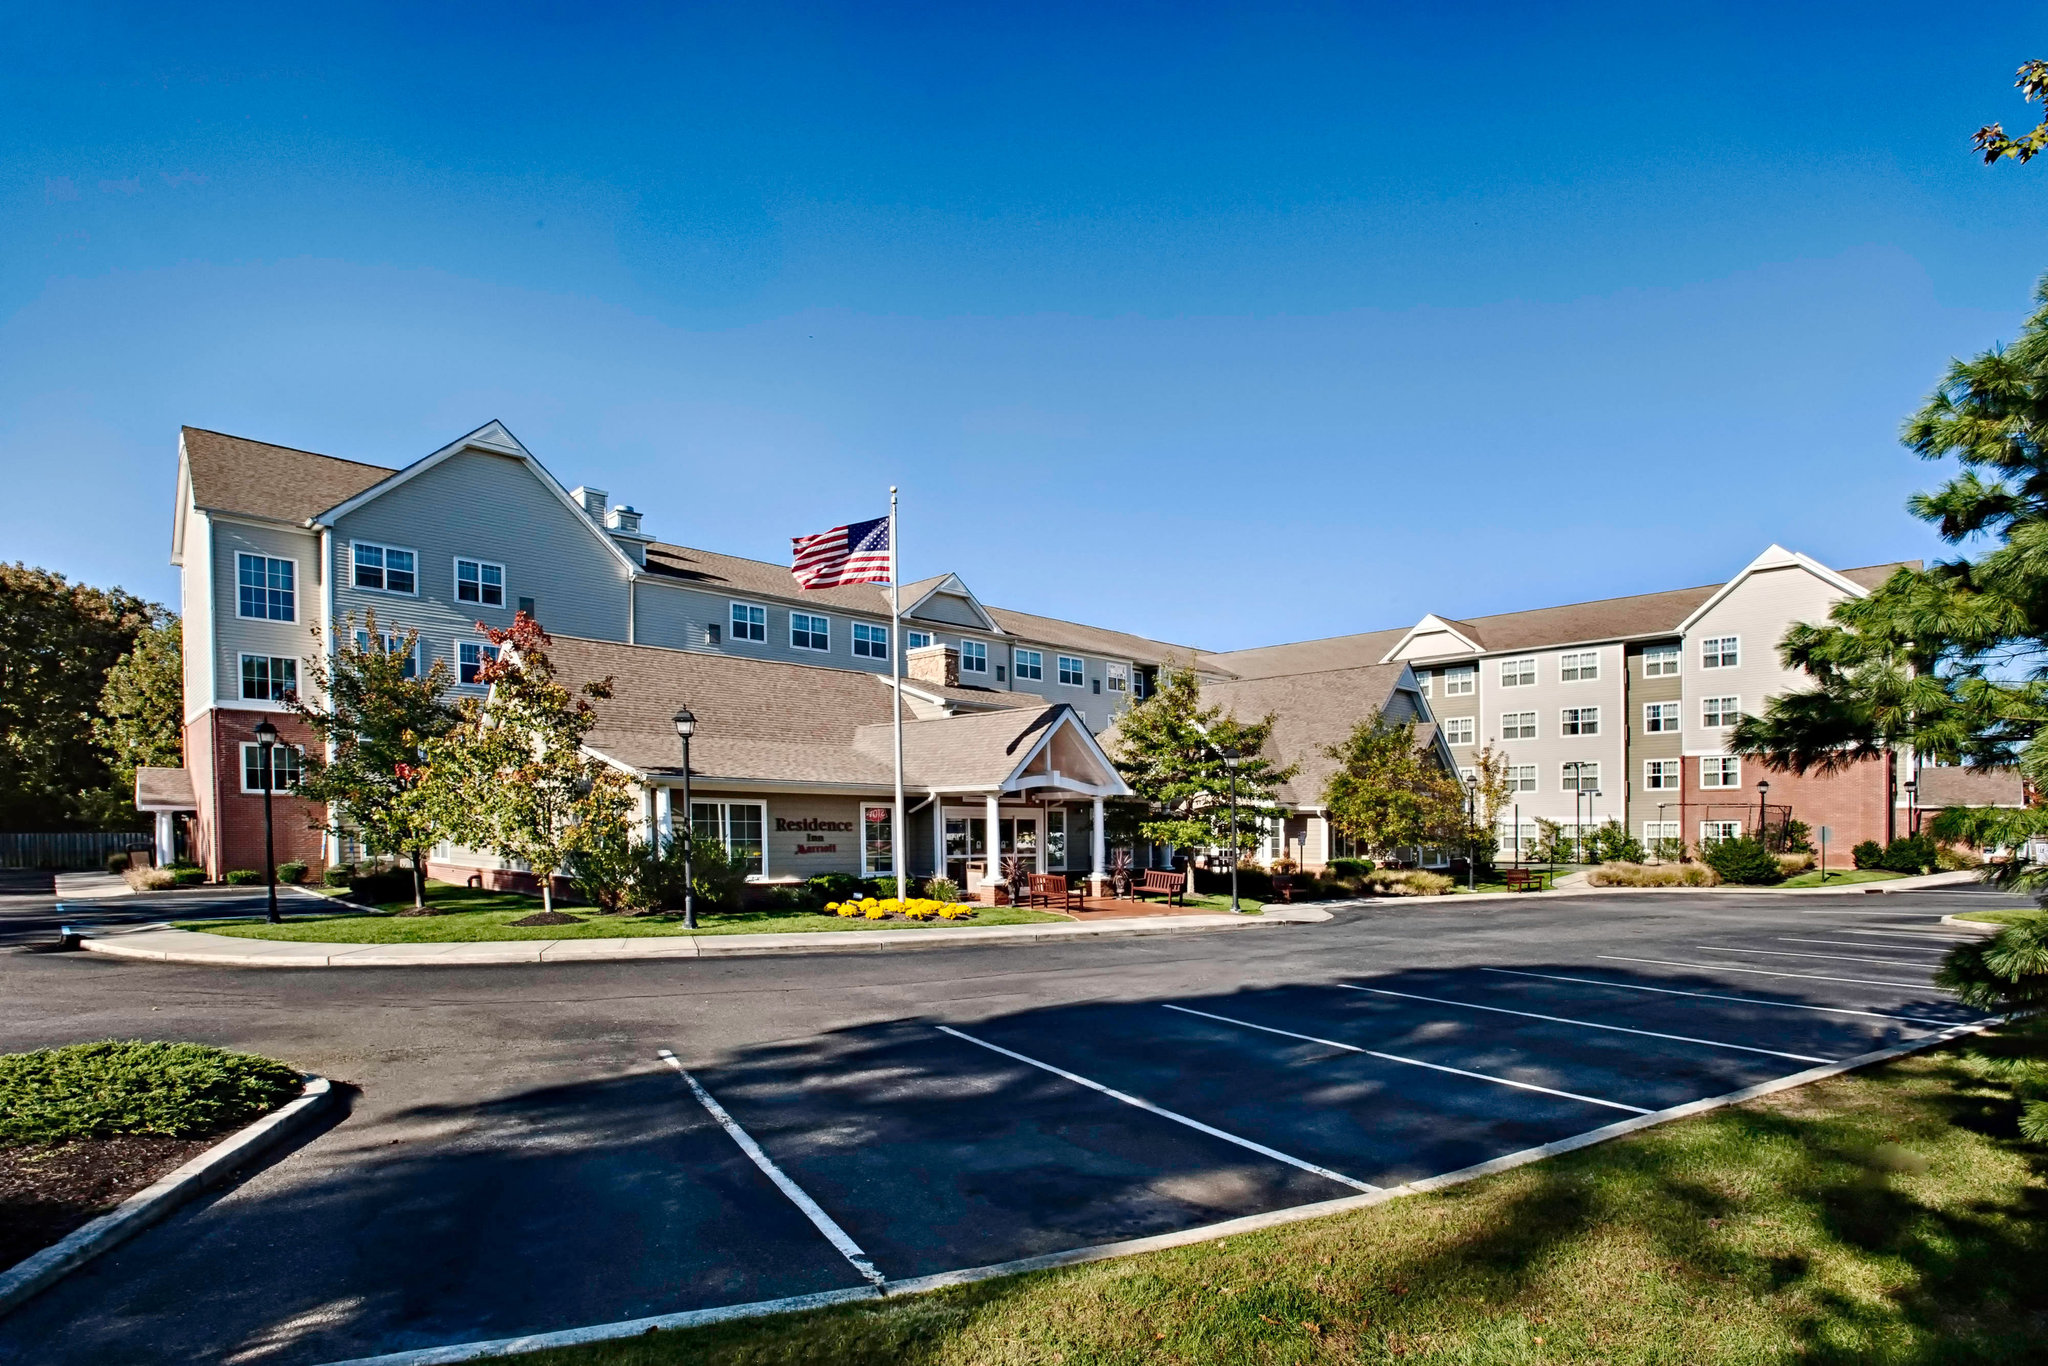 Residence Inn by Marriott Egg Harbor